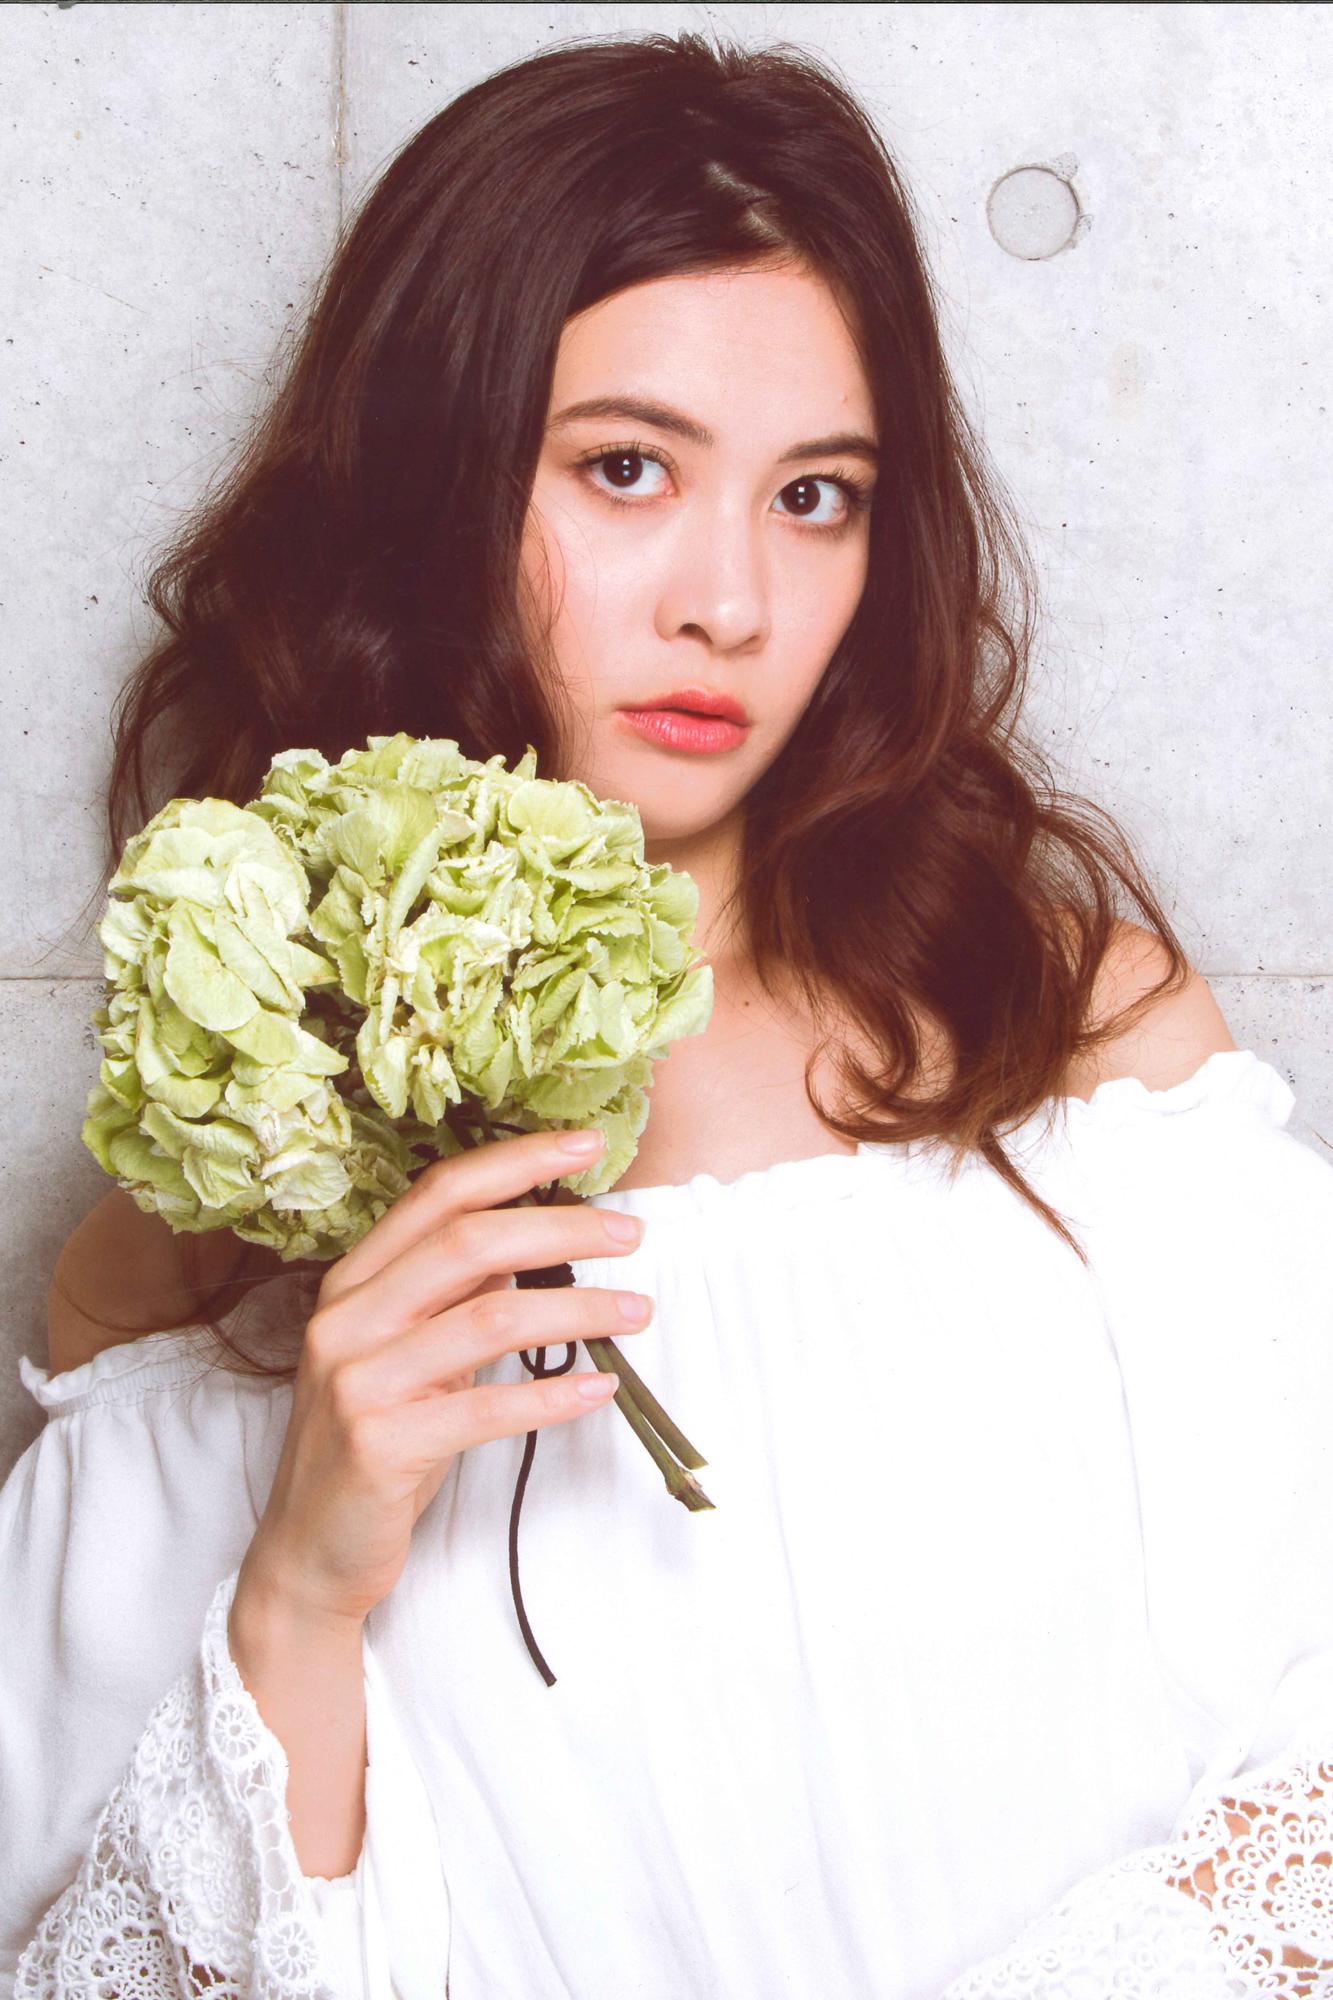 外国人モデル/外国ダンサー・パフォーマー エリカ・Fの写真6